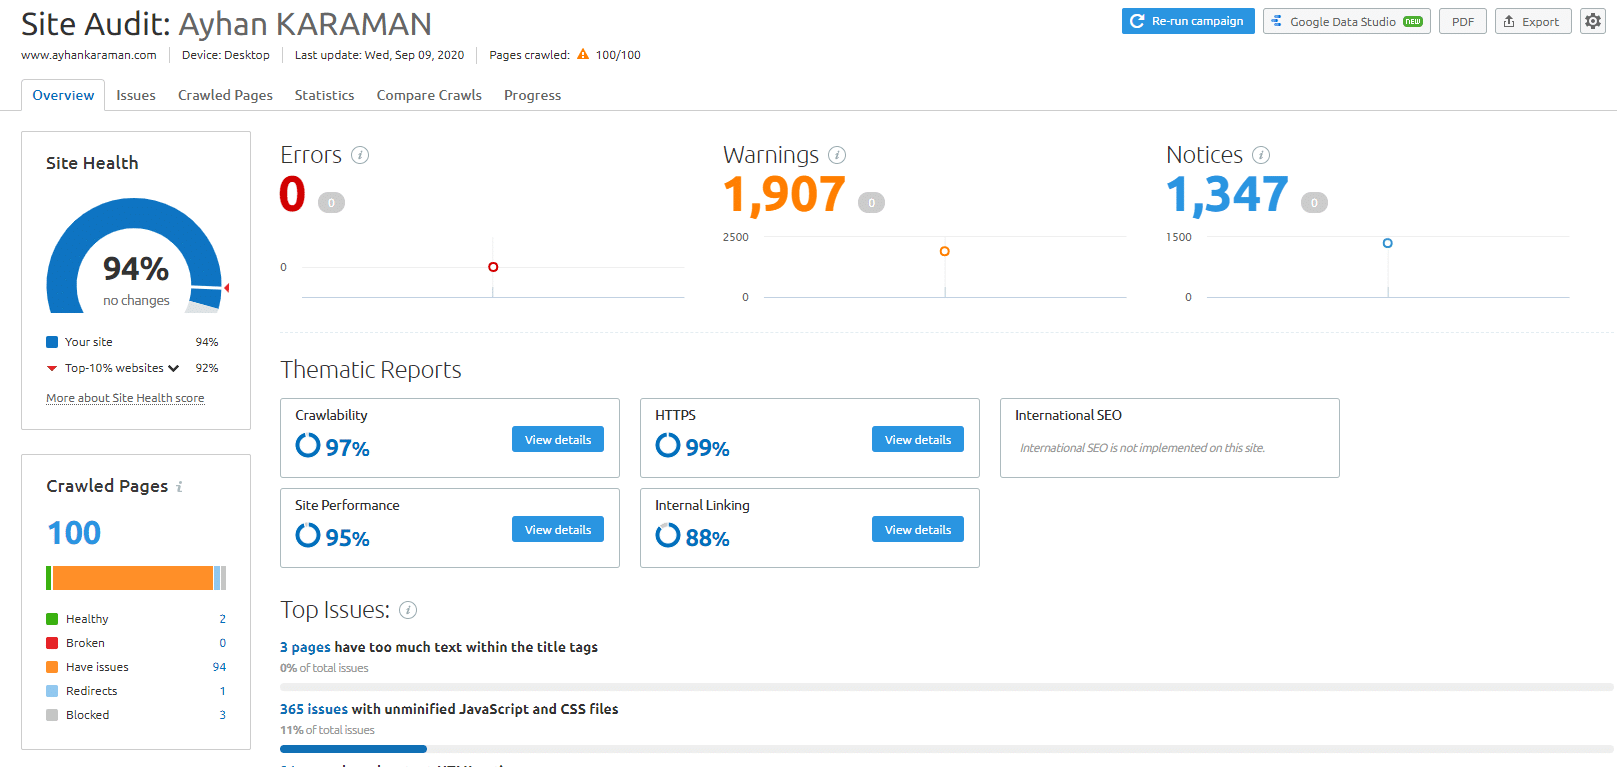 ayhan karaman site audit